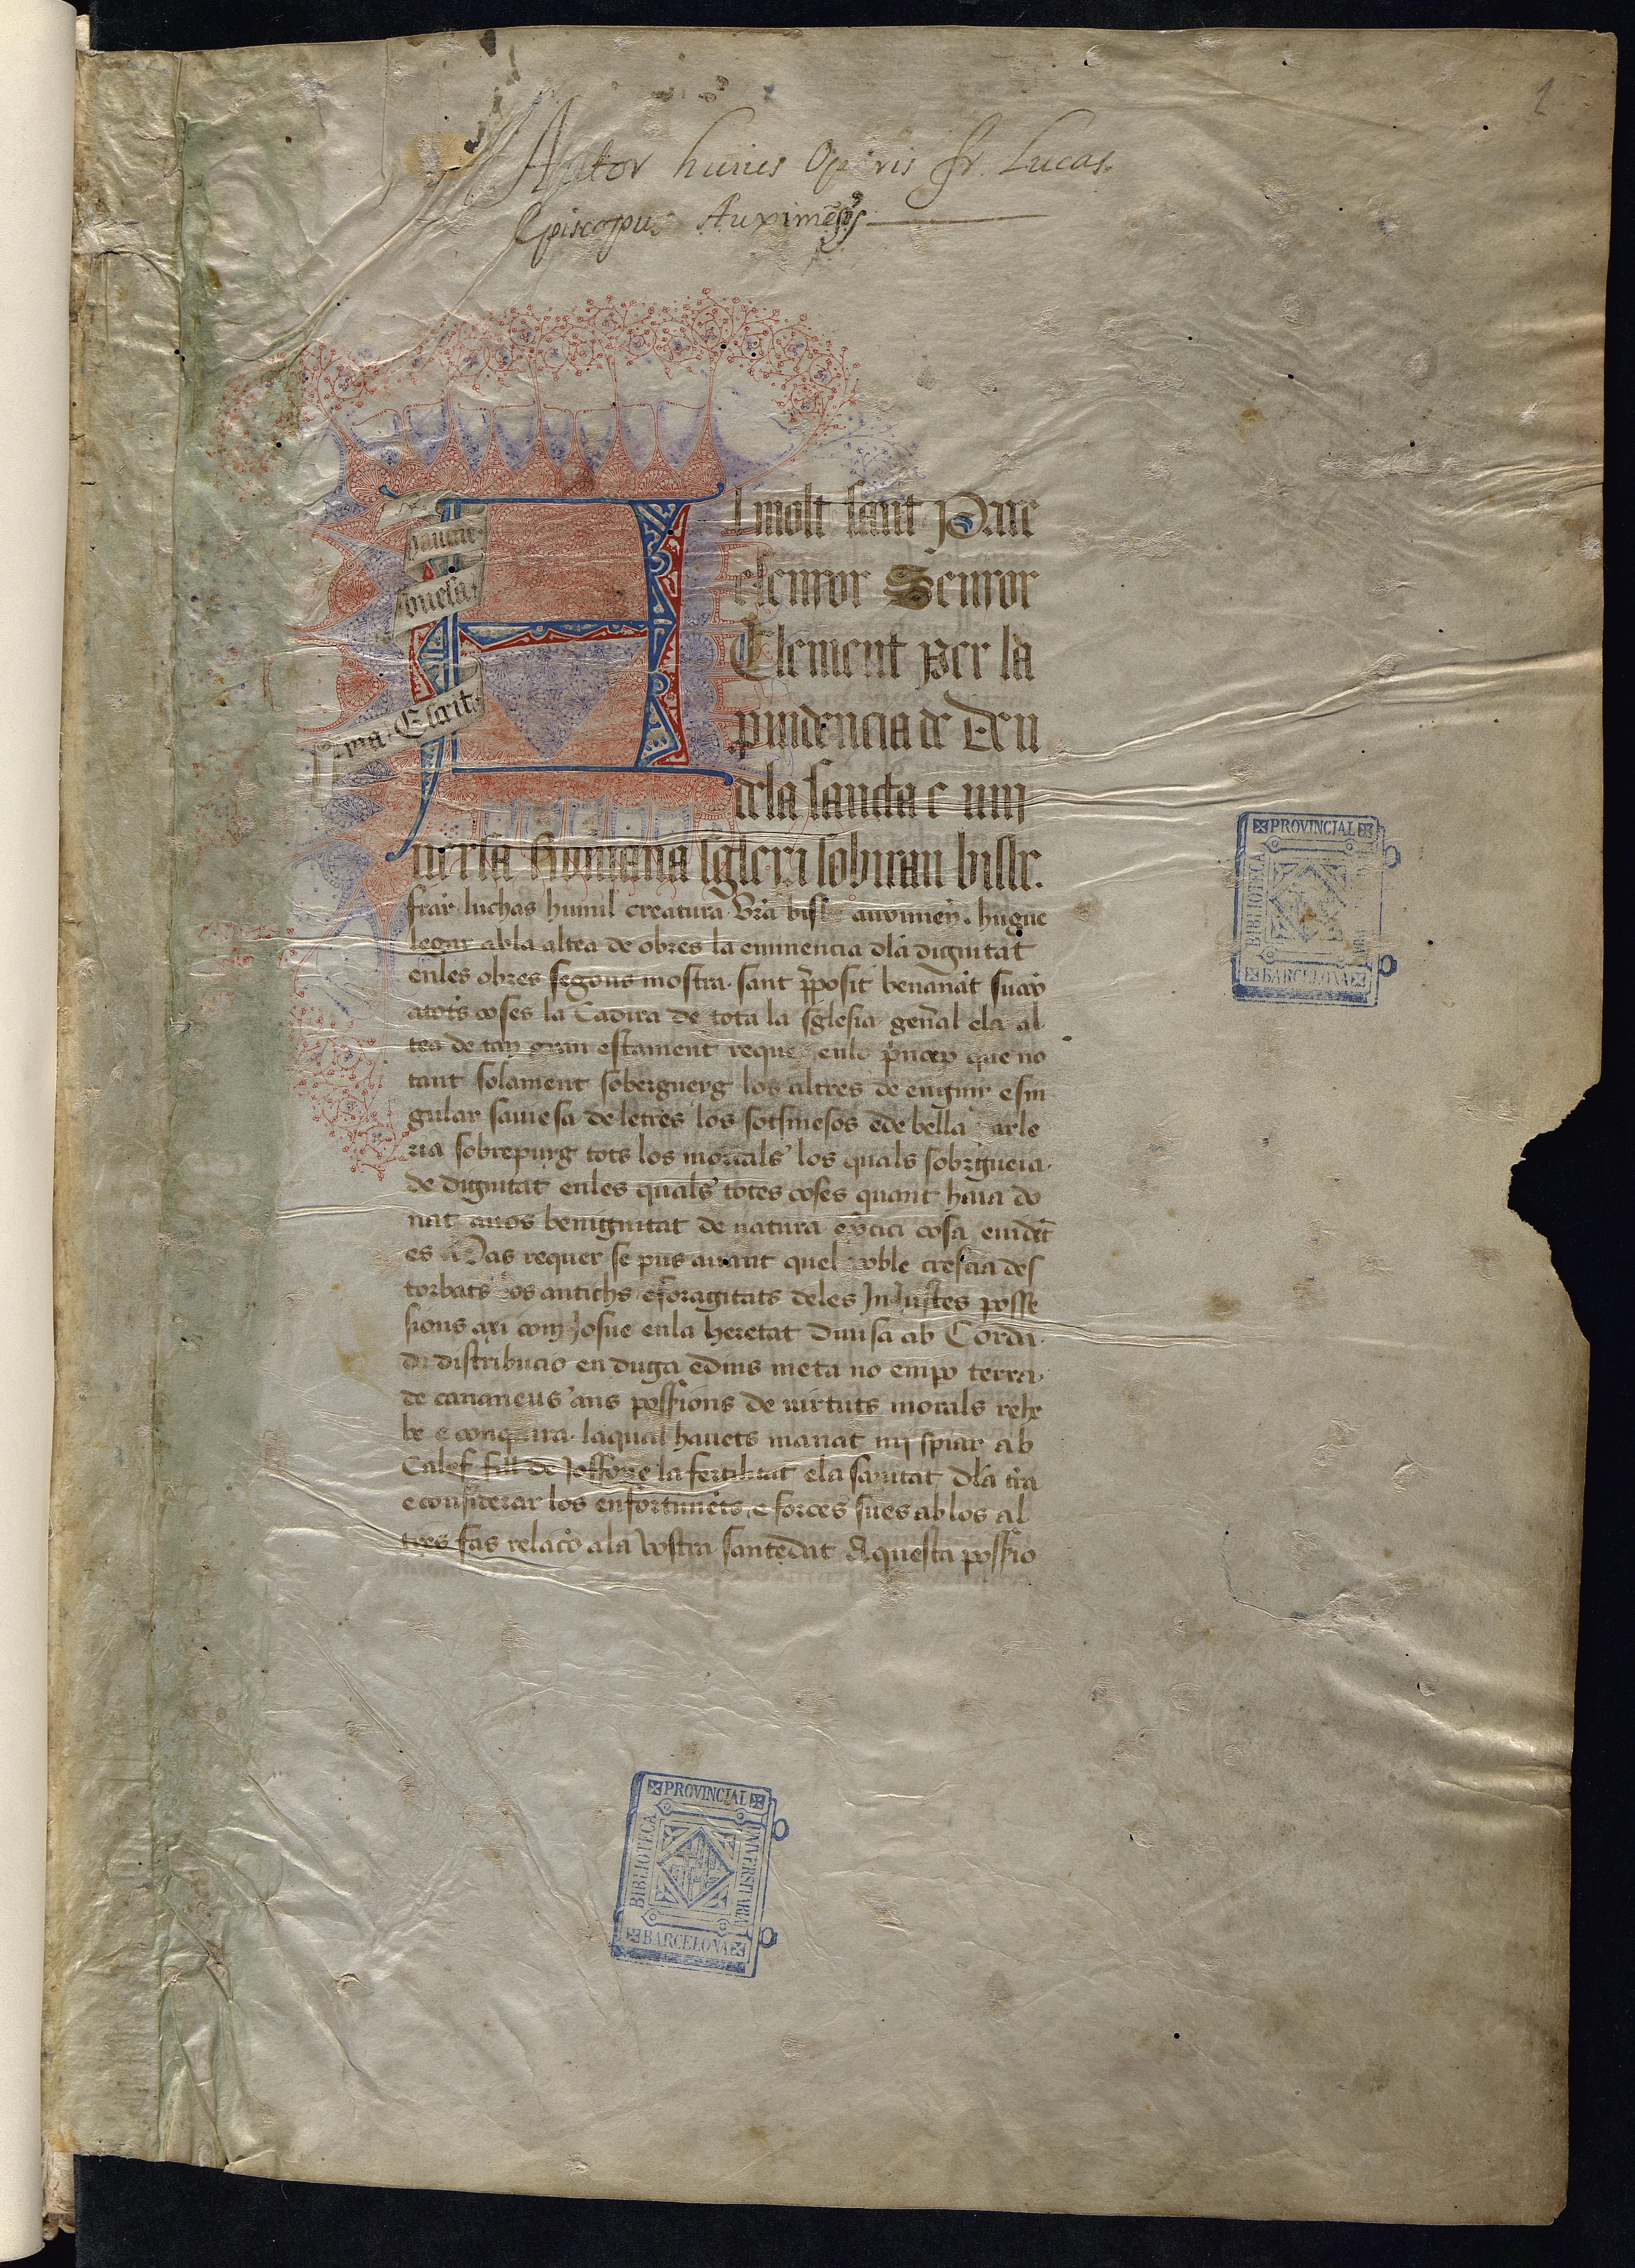 Taula per alphabet sobre tots los libres de Seneca e la exposició d'ells